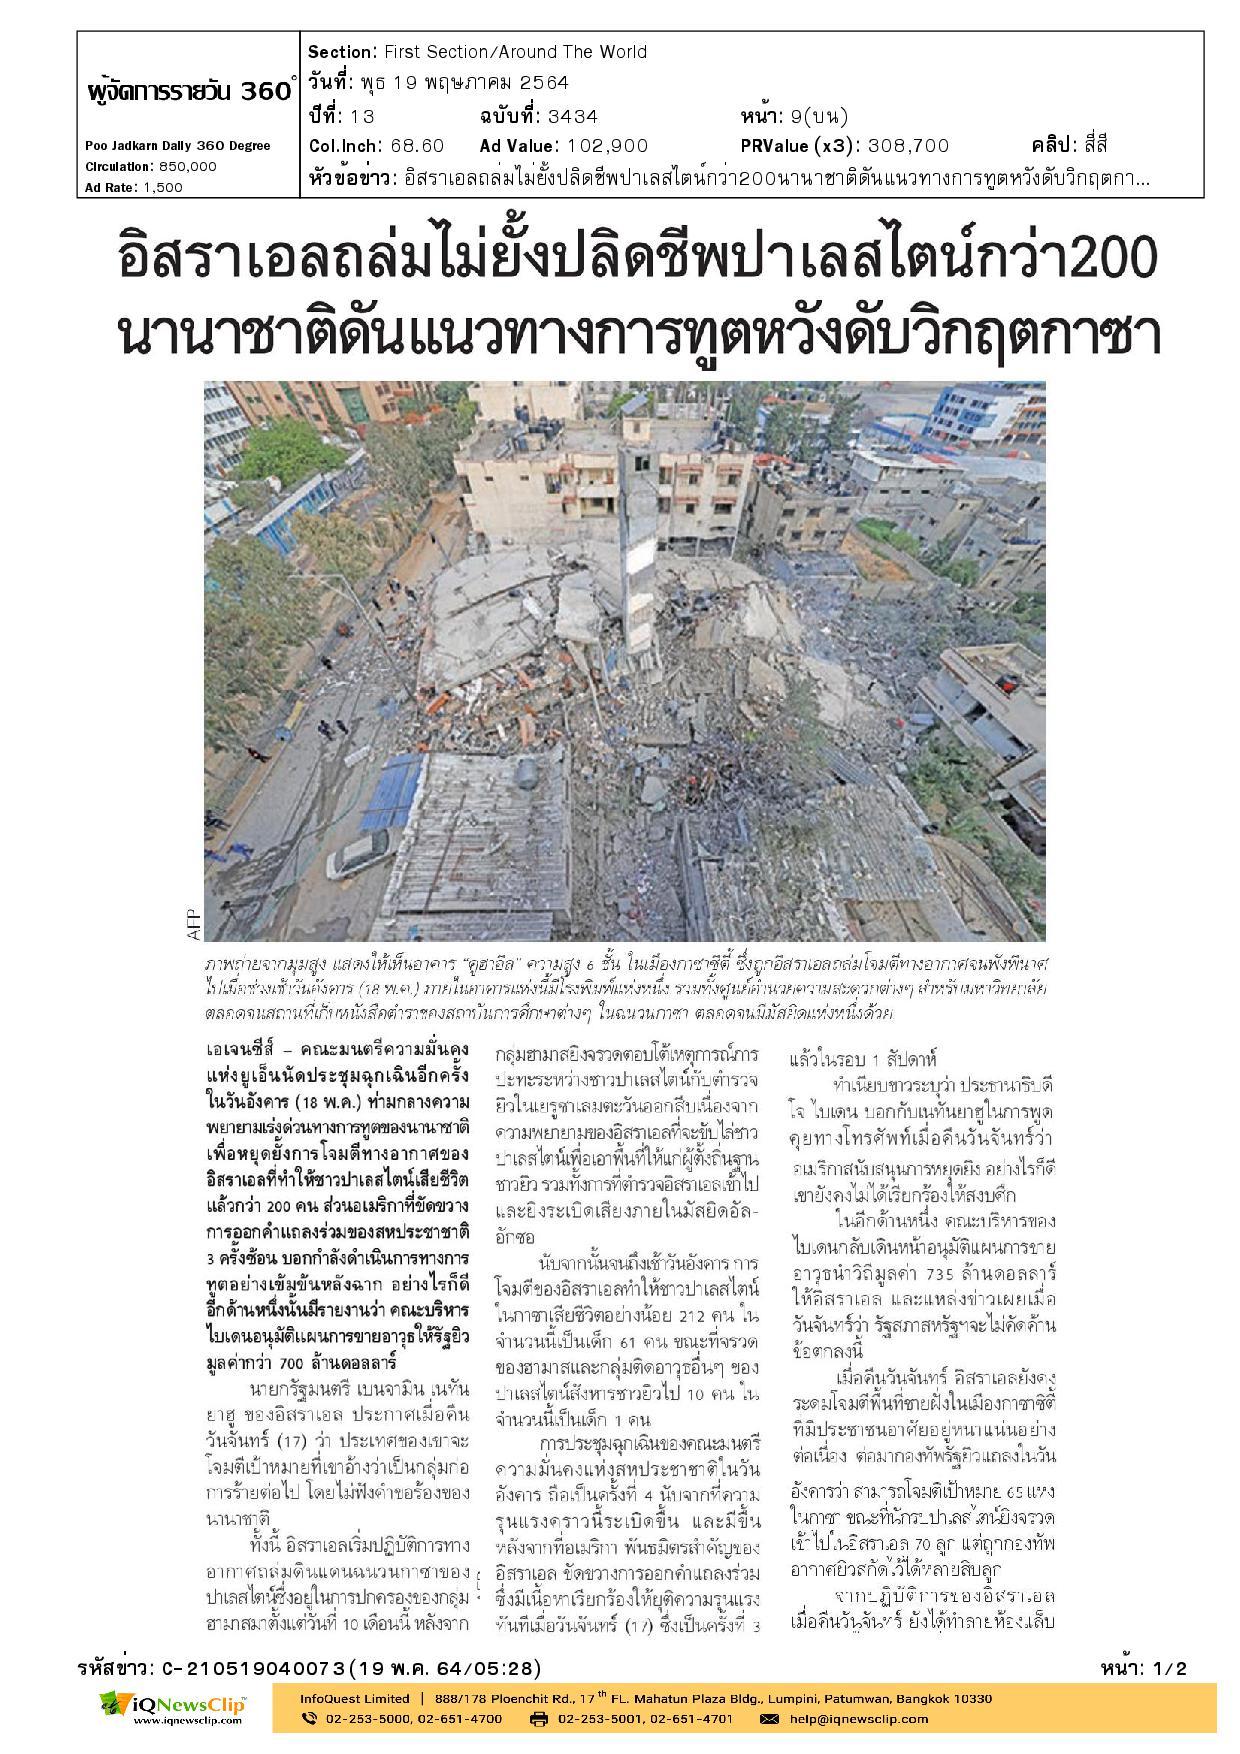 สำนักงานของสภาเสี้ยววงเดือนแดง (กาชาด) กาตาร์  ได้รับความเสียหายจากเหตุโจมตีทางอากาศของทหารอิสราเอล